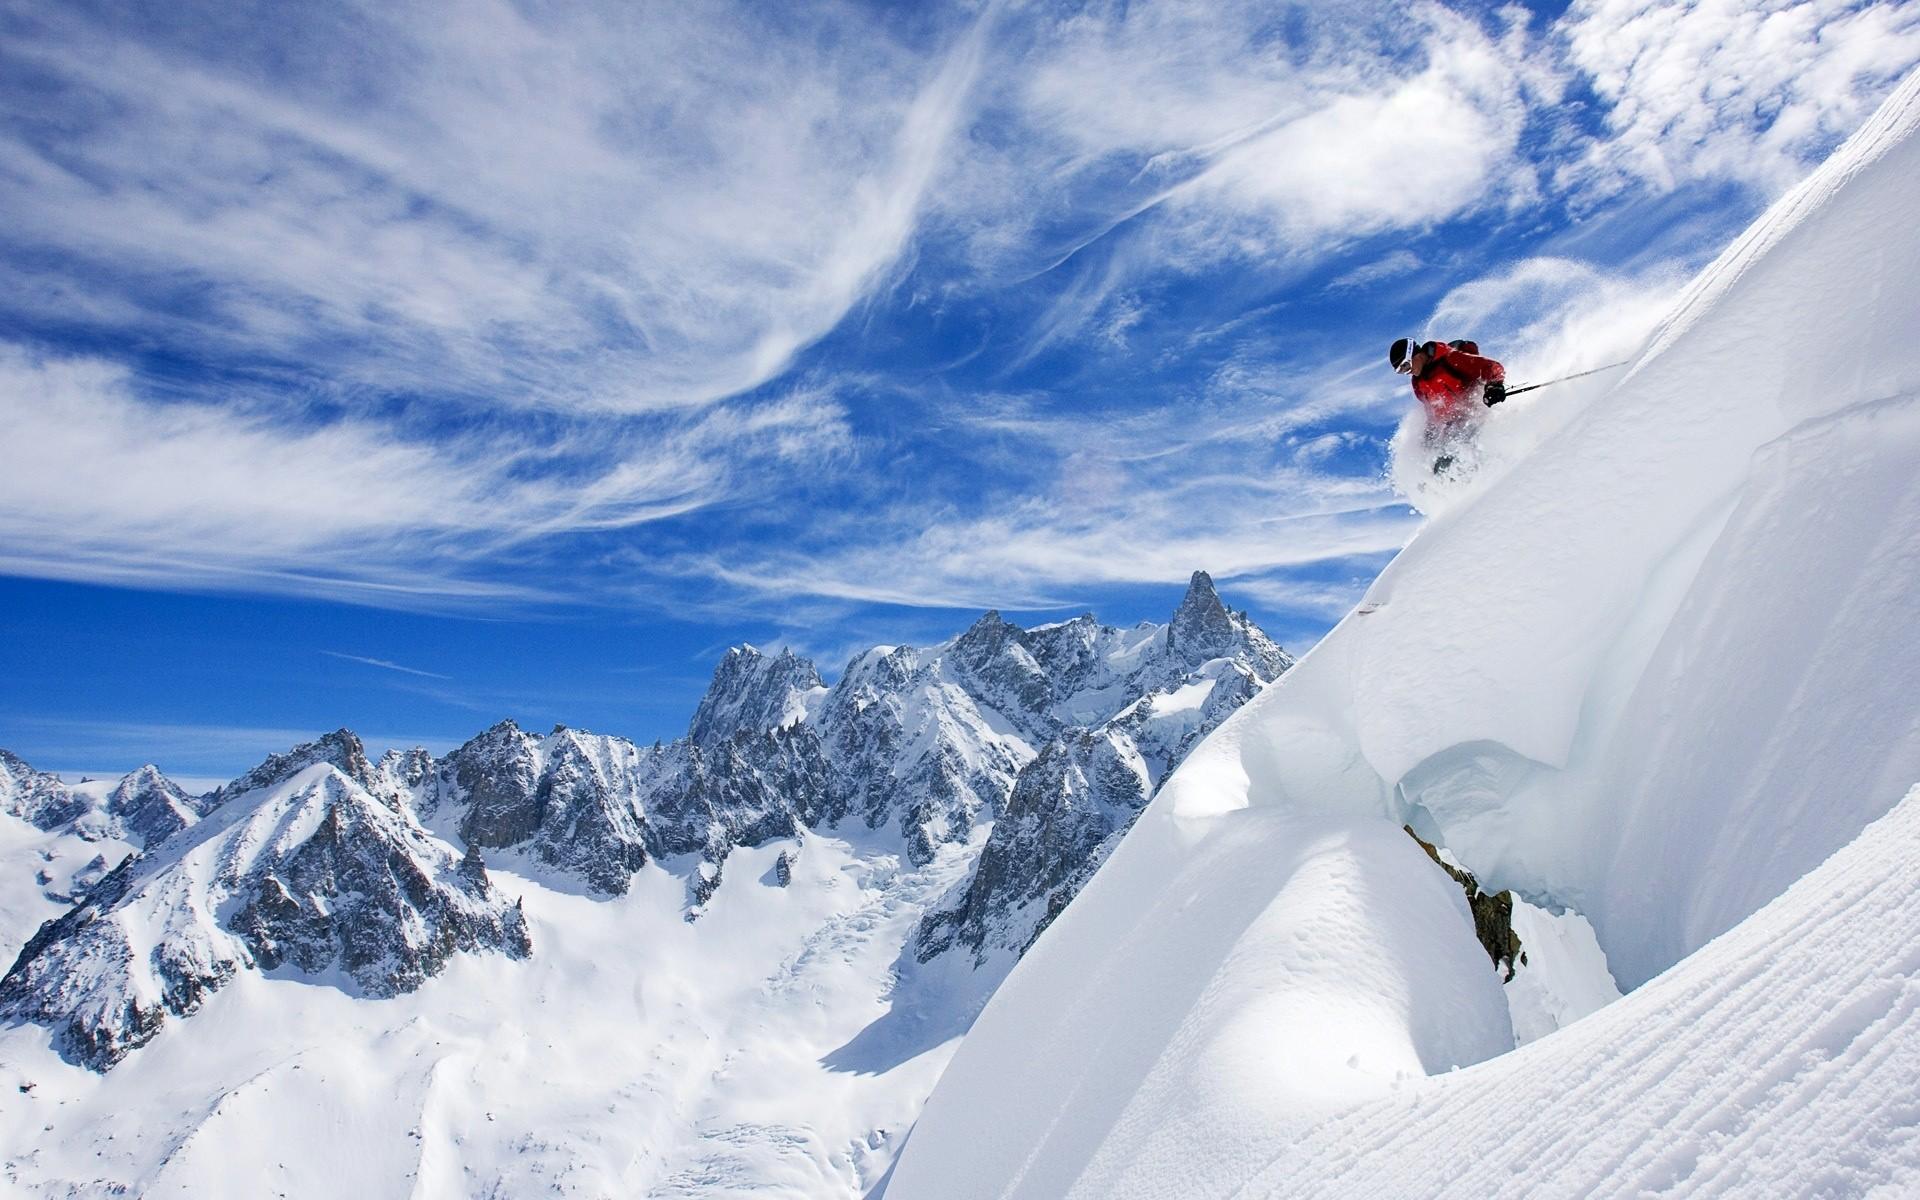 Esquiando en la nieve - 1920x1200